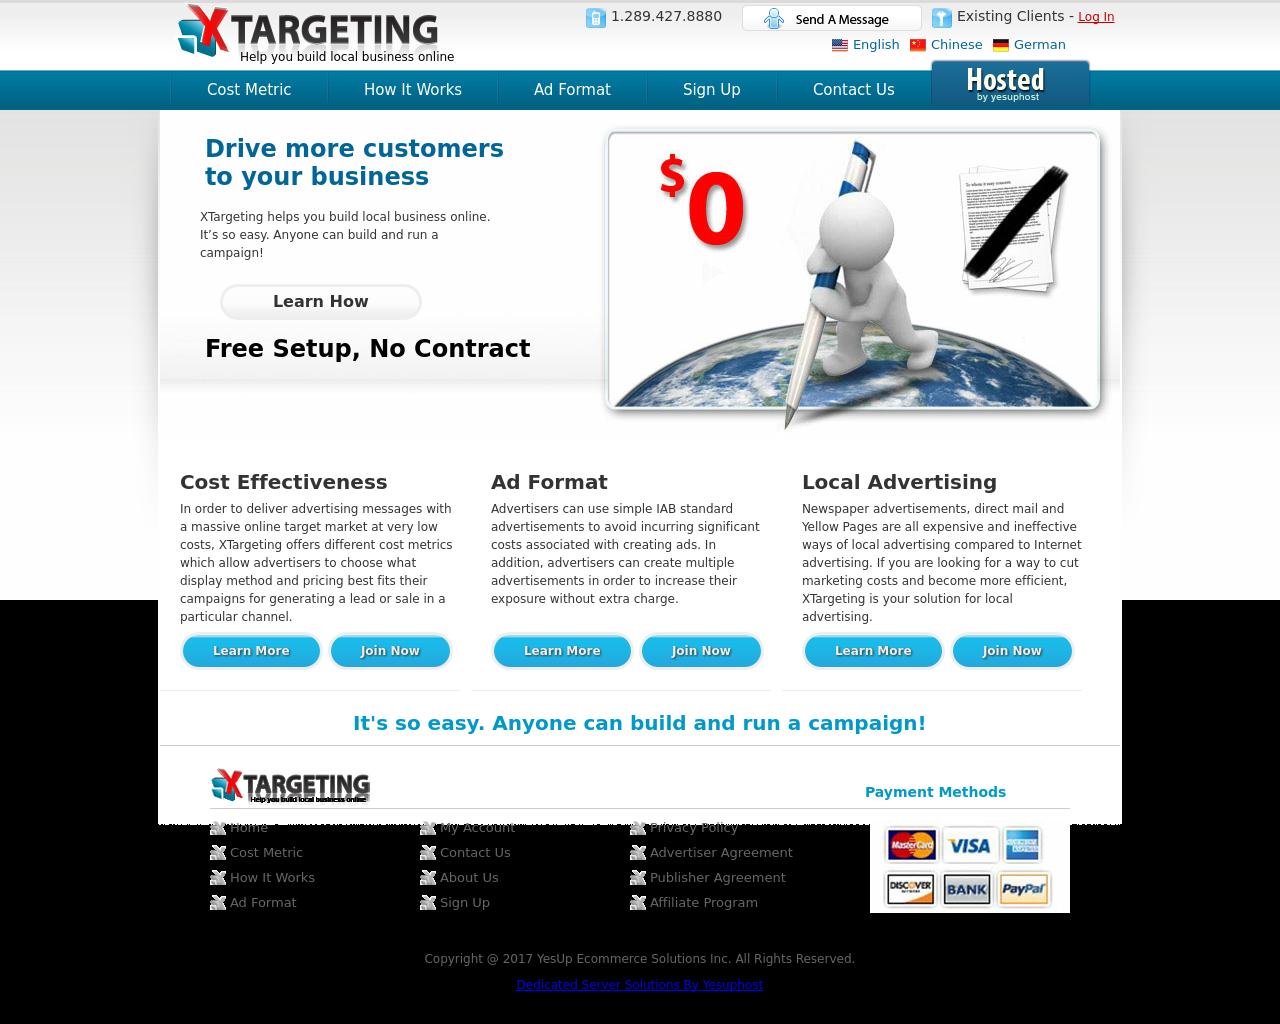 XTargeting-Advertising-Reviews-Pricing